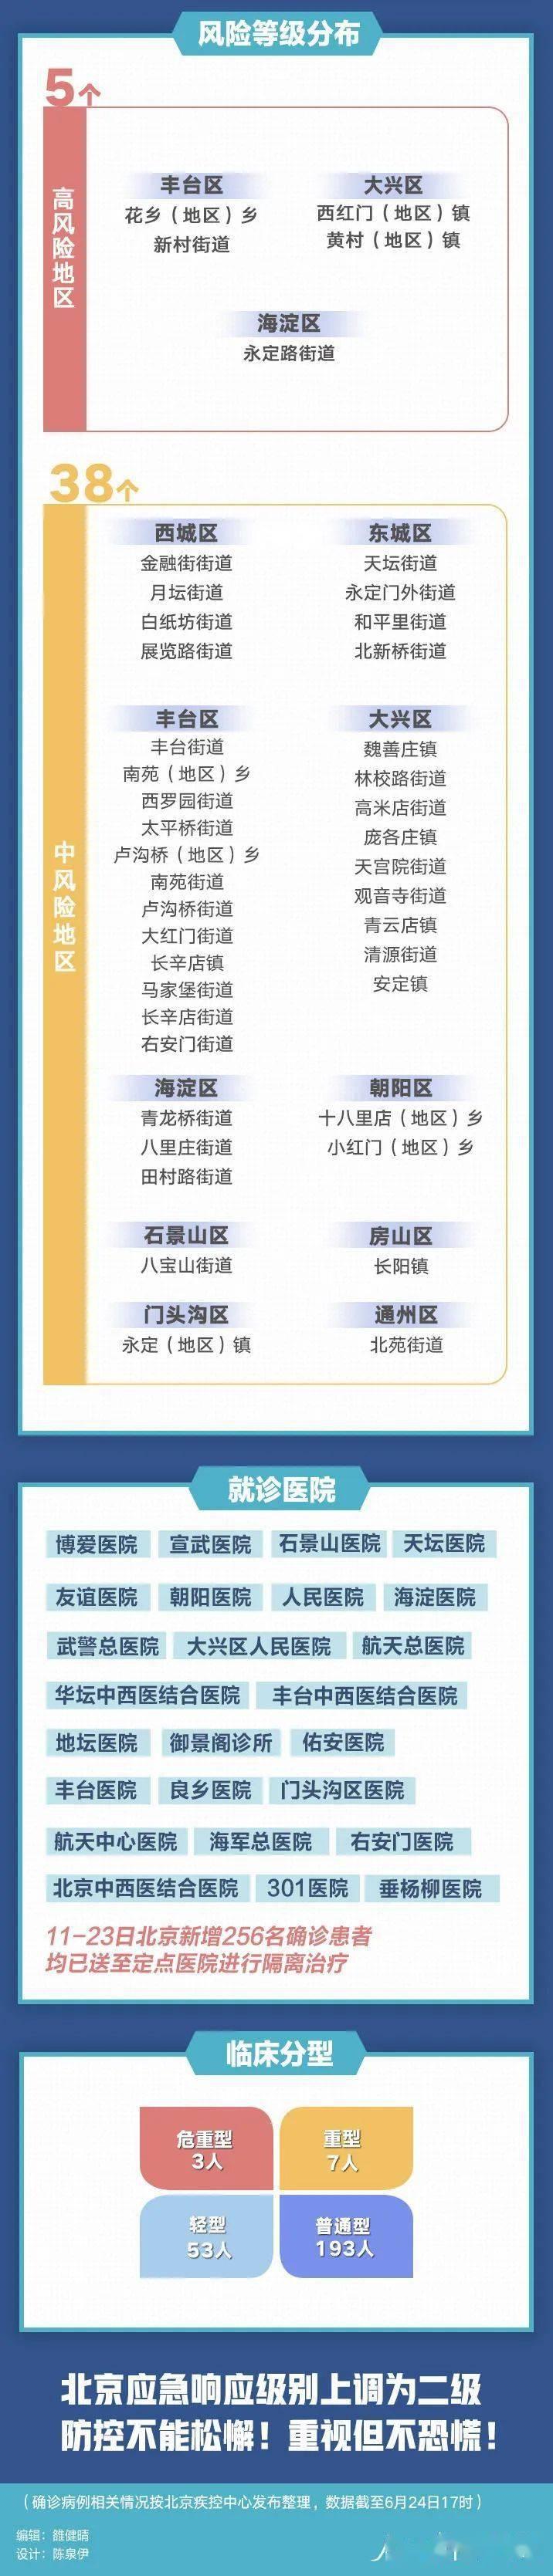 扩散!北京13天新增256例,都是谁?去过哪?